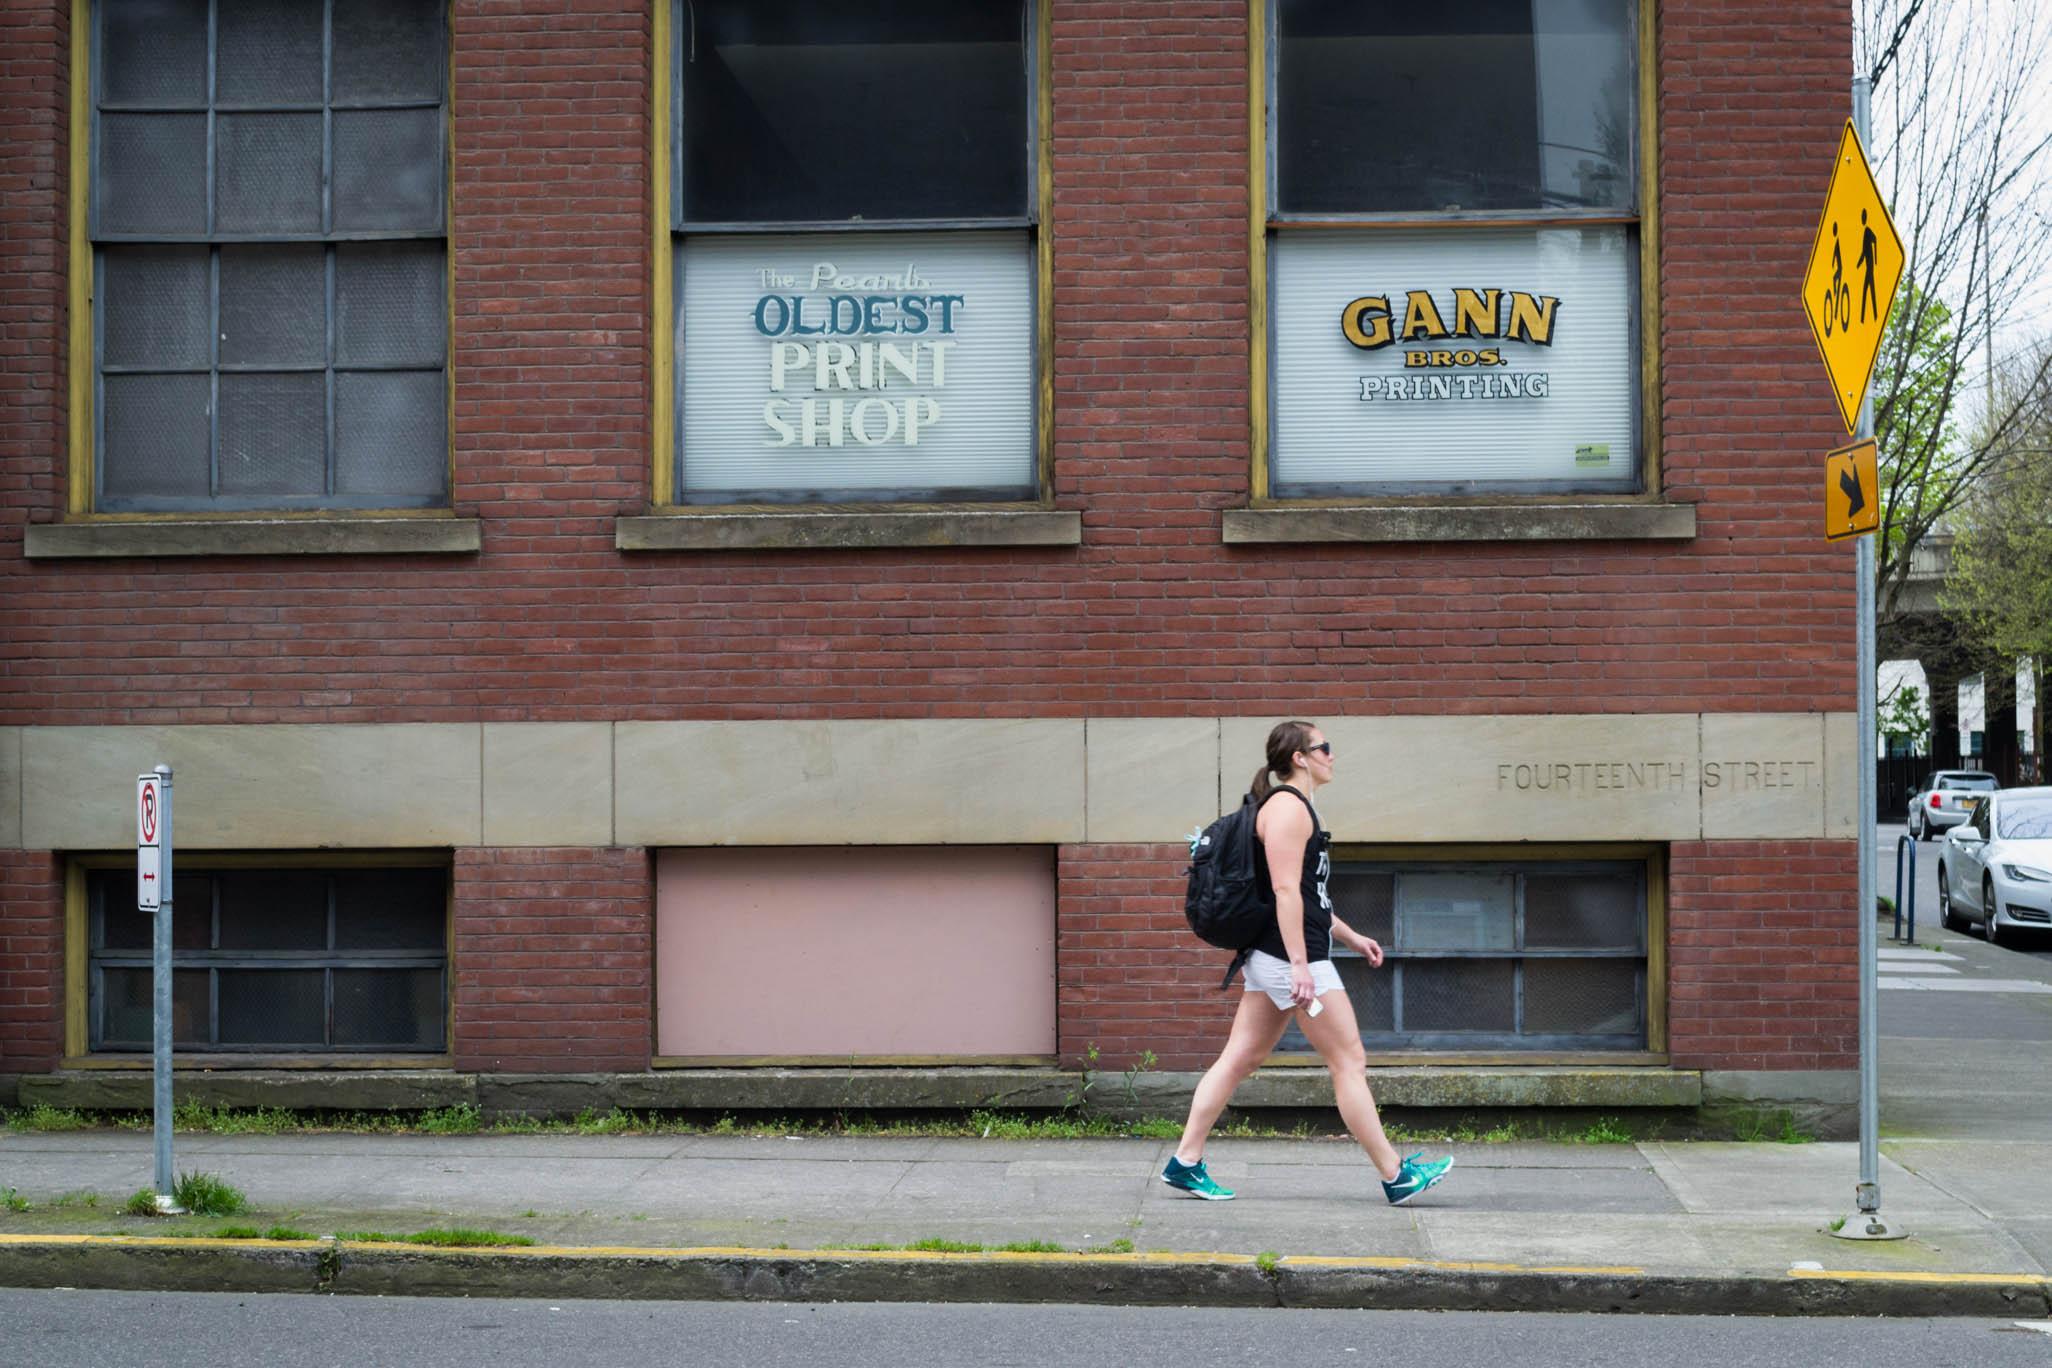 Les vieux bâtiments en briques sont toujours présents à Portland